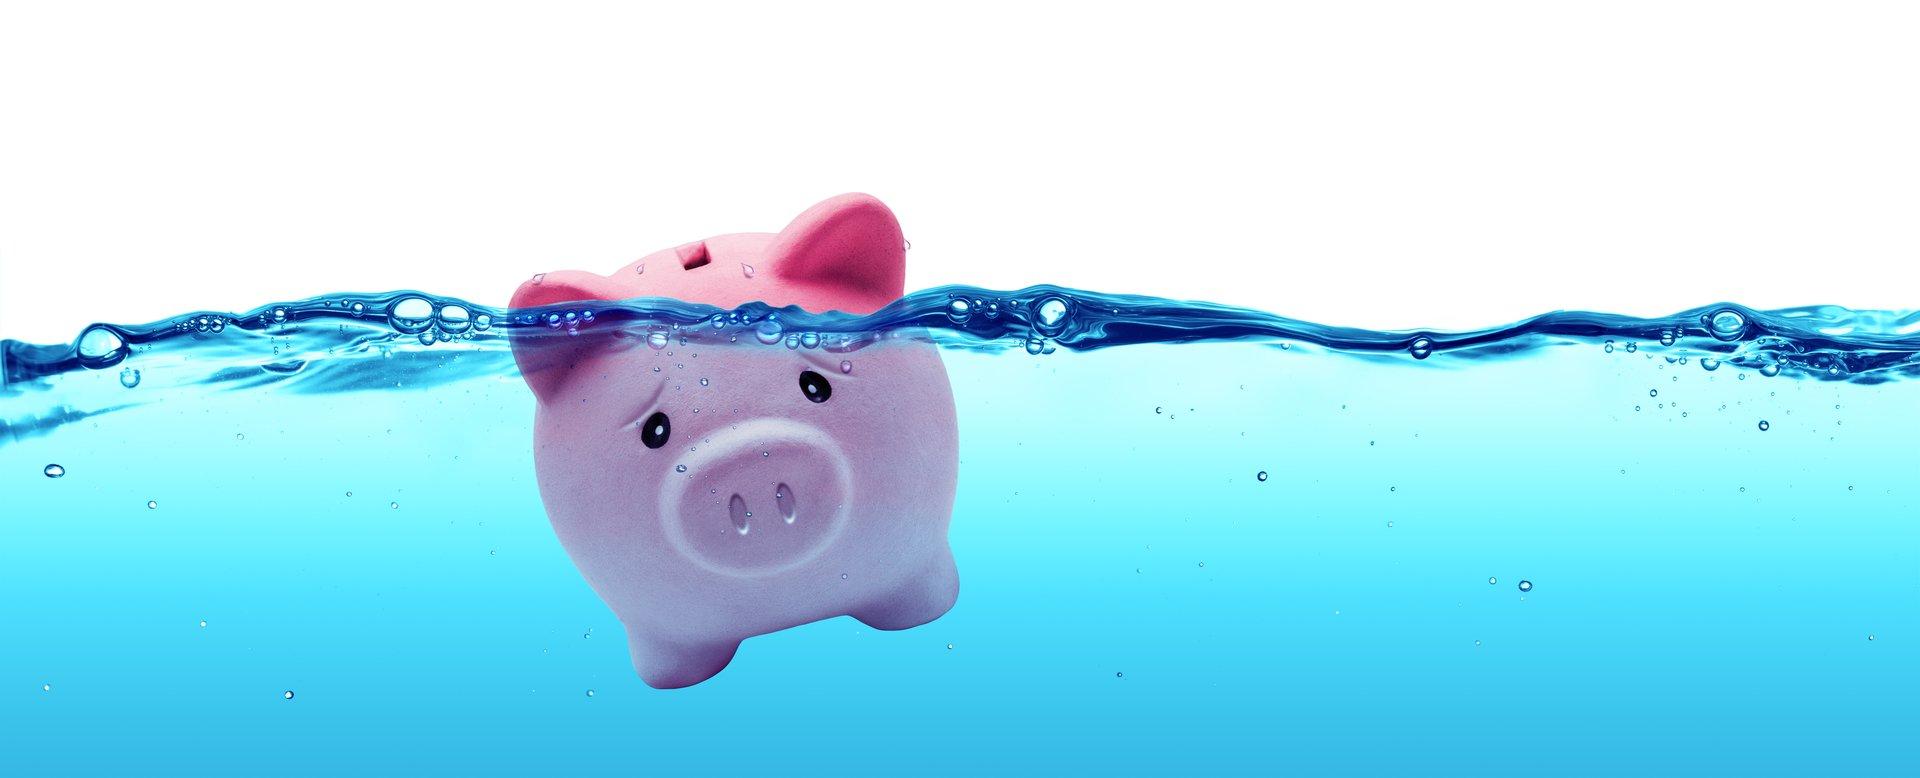 Piggy Bank Drowning